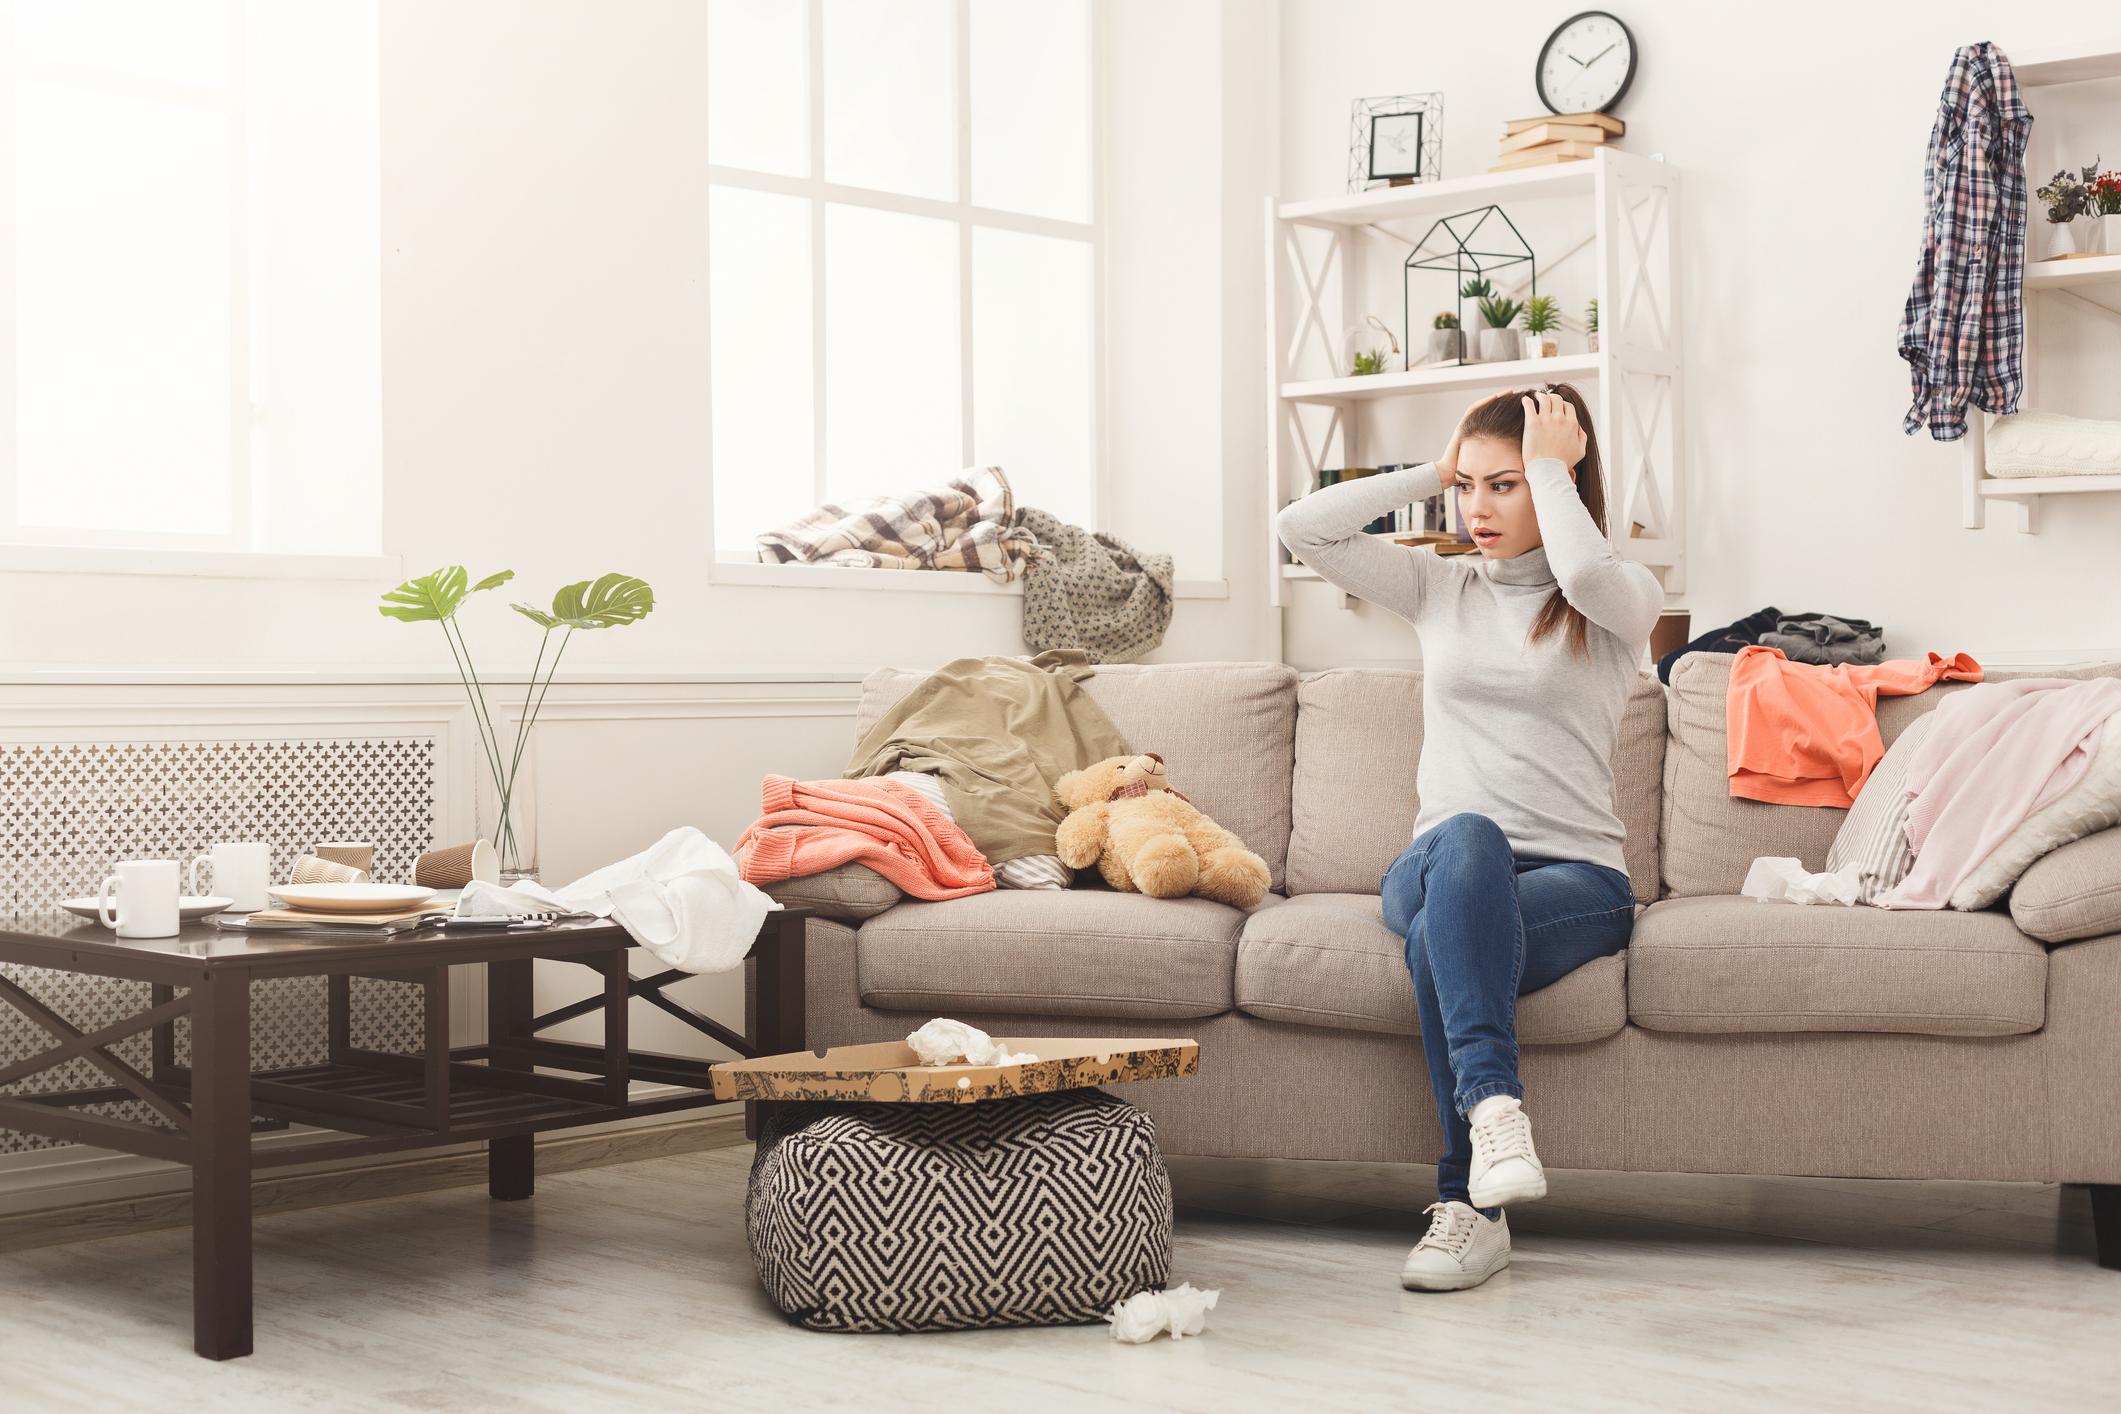 Прибирайте всички неща, когато приключите с използването им. Това е добър навик, ако имате деца, които разхвърлят играчките си из цялата къща.